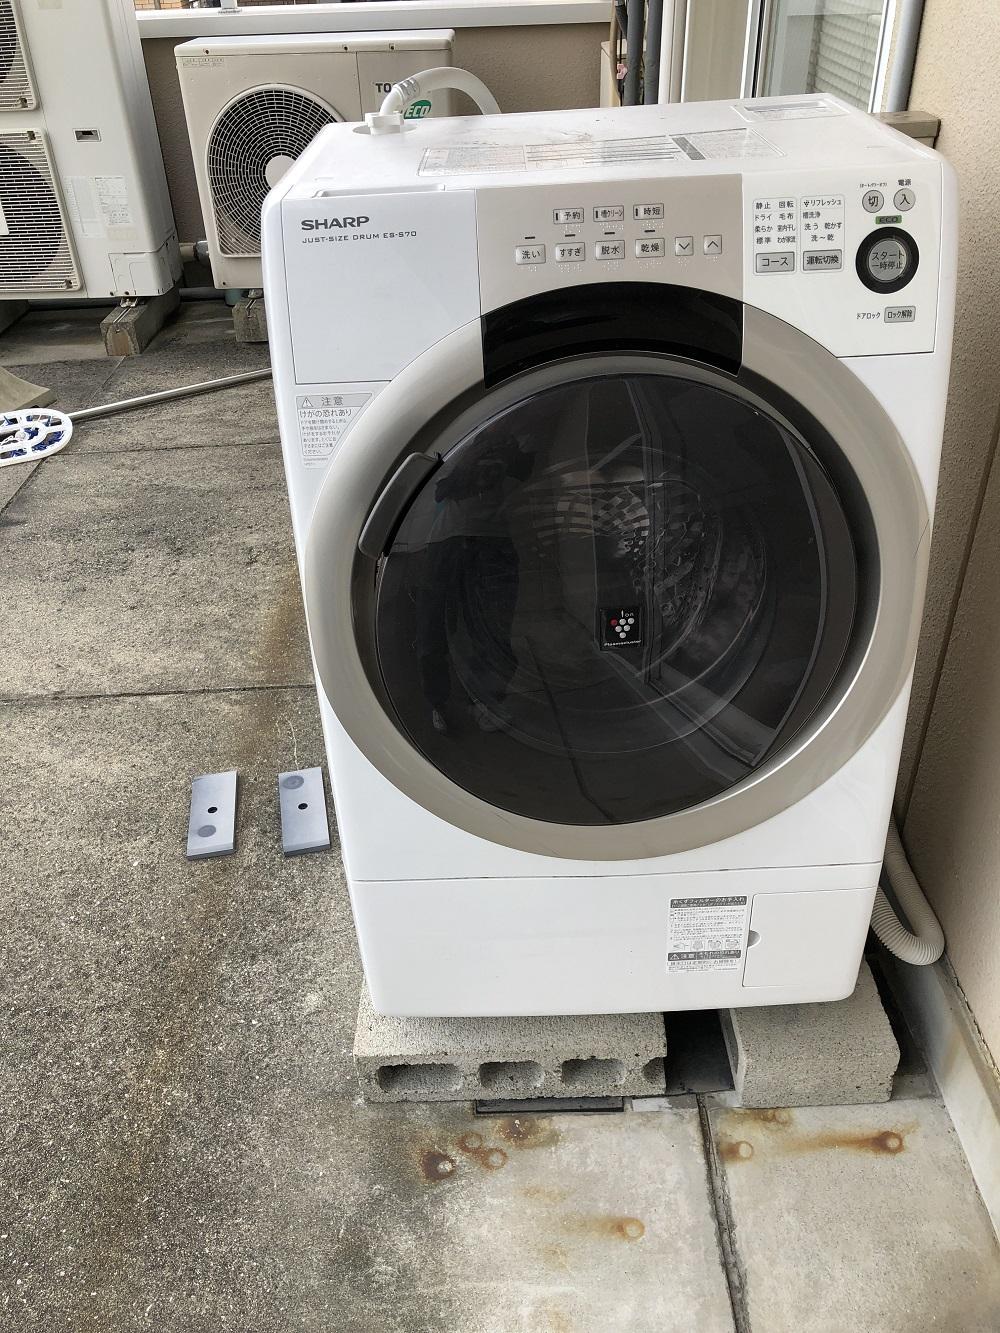 【多度津町】不用品(ドラム式洗濯機、ダンボール)処分ご依頼 お客様の声